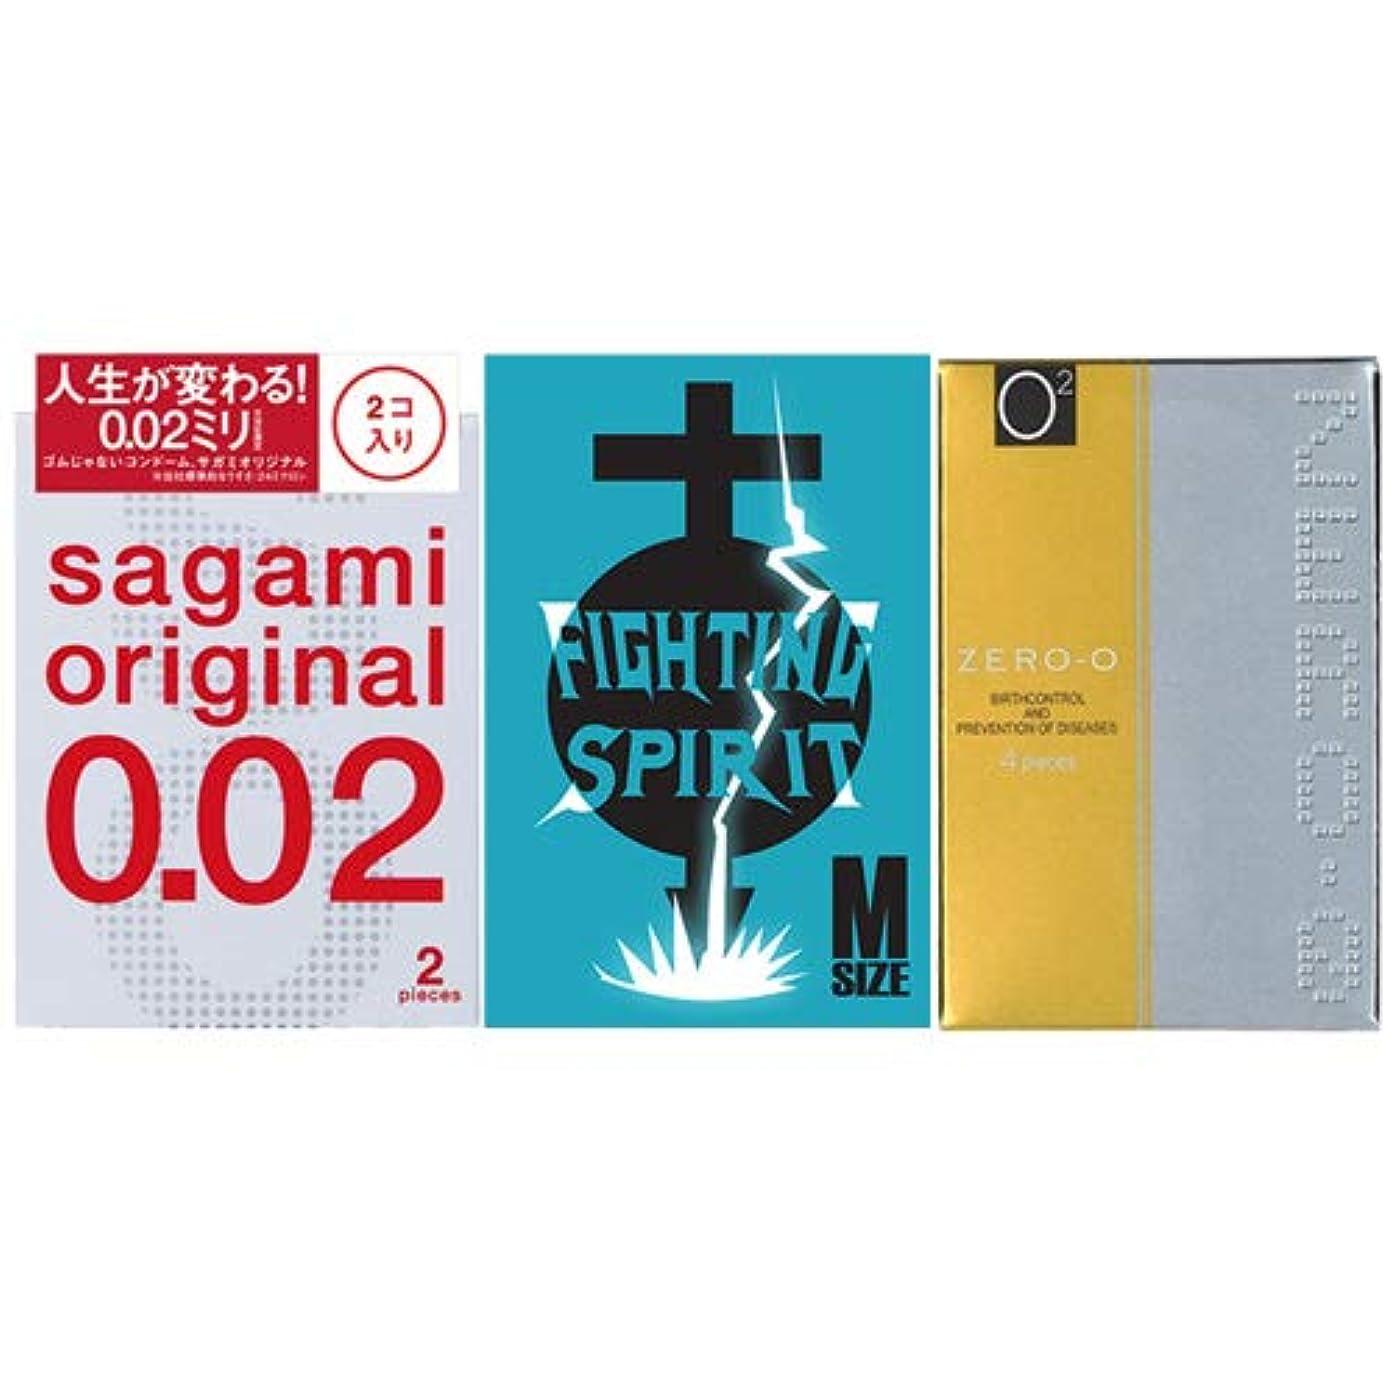 【まとめ買いセット】 タバコサイズコンドーム お試しセット 【サガミオリジナル0.02(2個入り)ファイティング スピリットM(6個入り) リンクルゼロゼロ500(4個入り)】